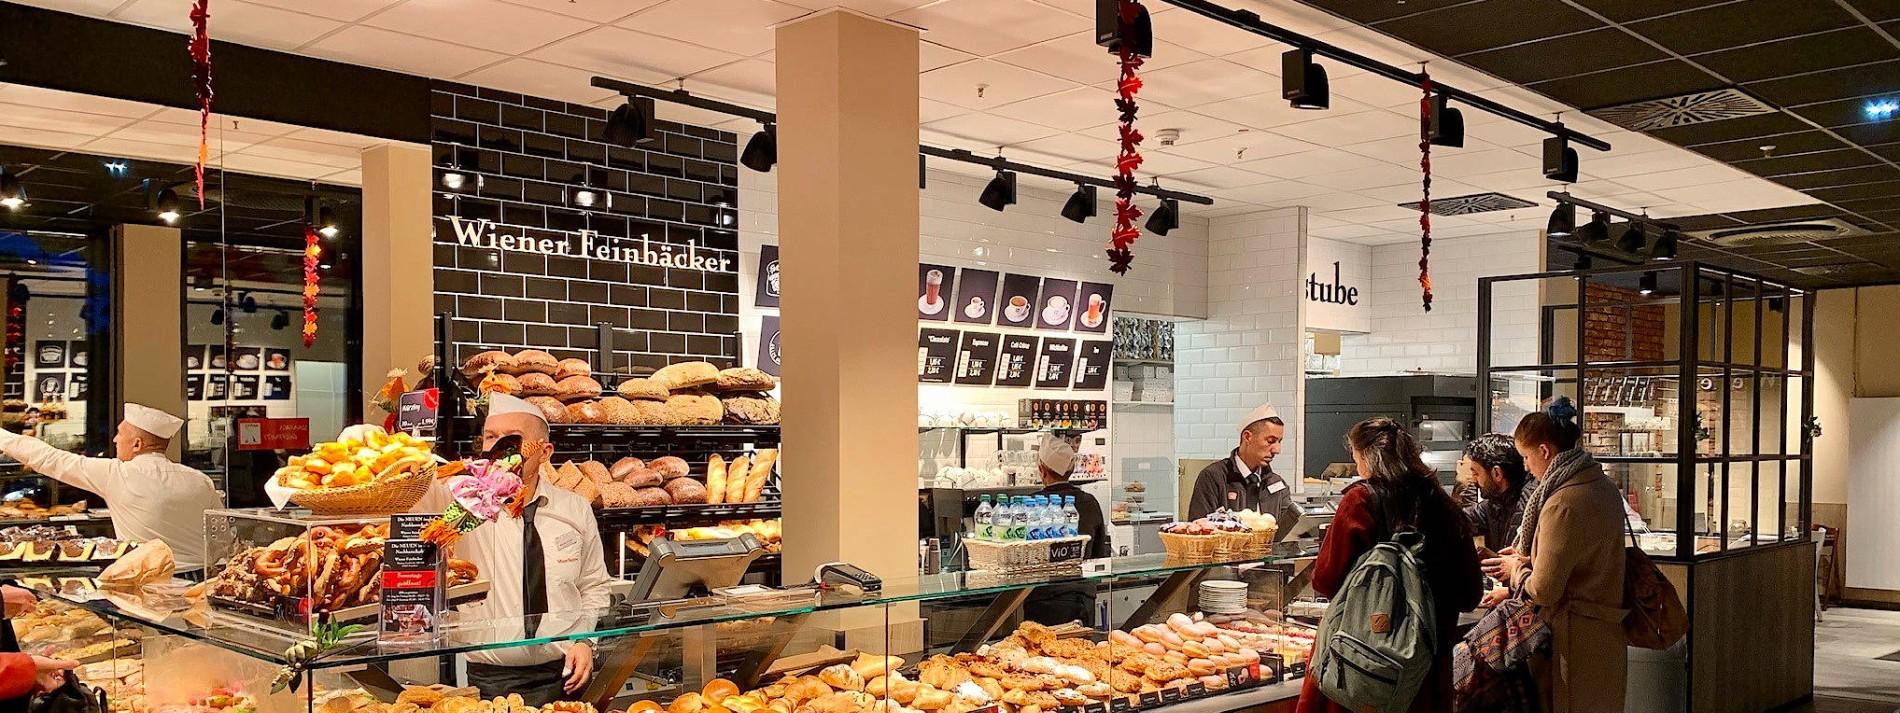 Bäckerläden in Erlebnis-Backräume